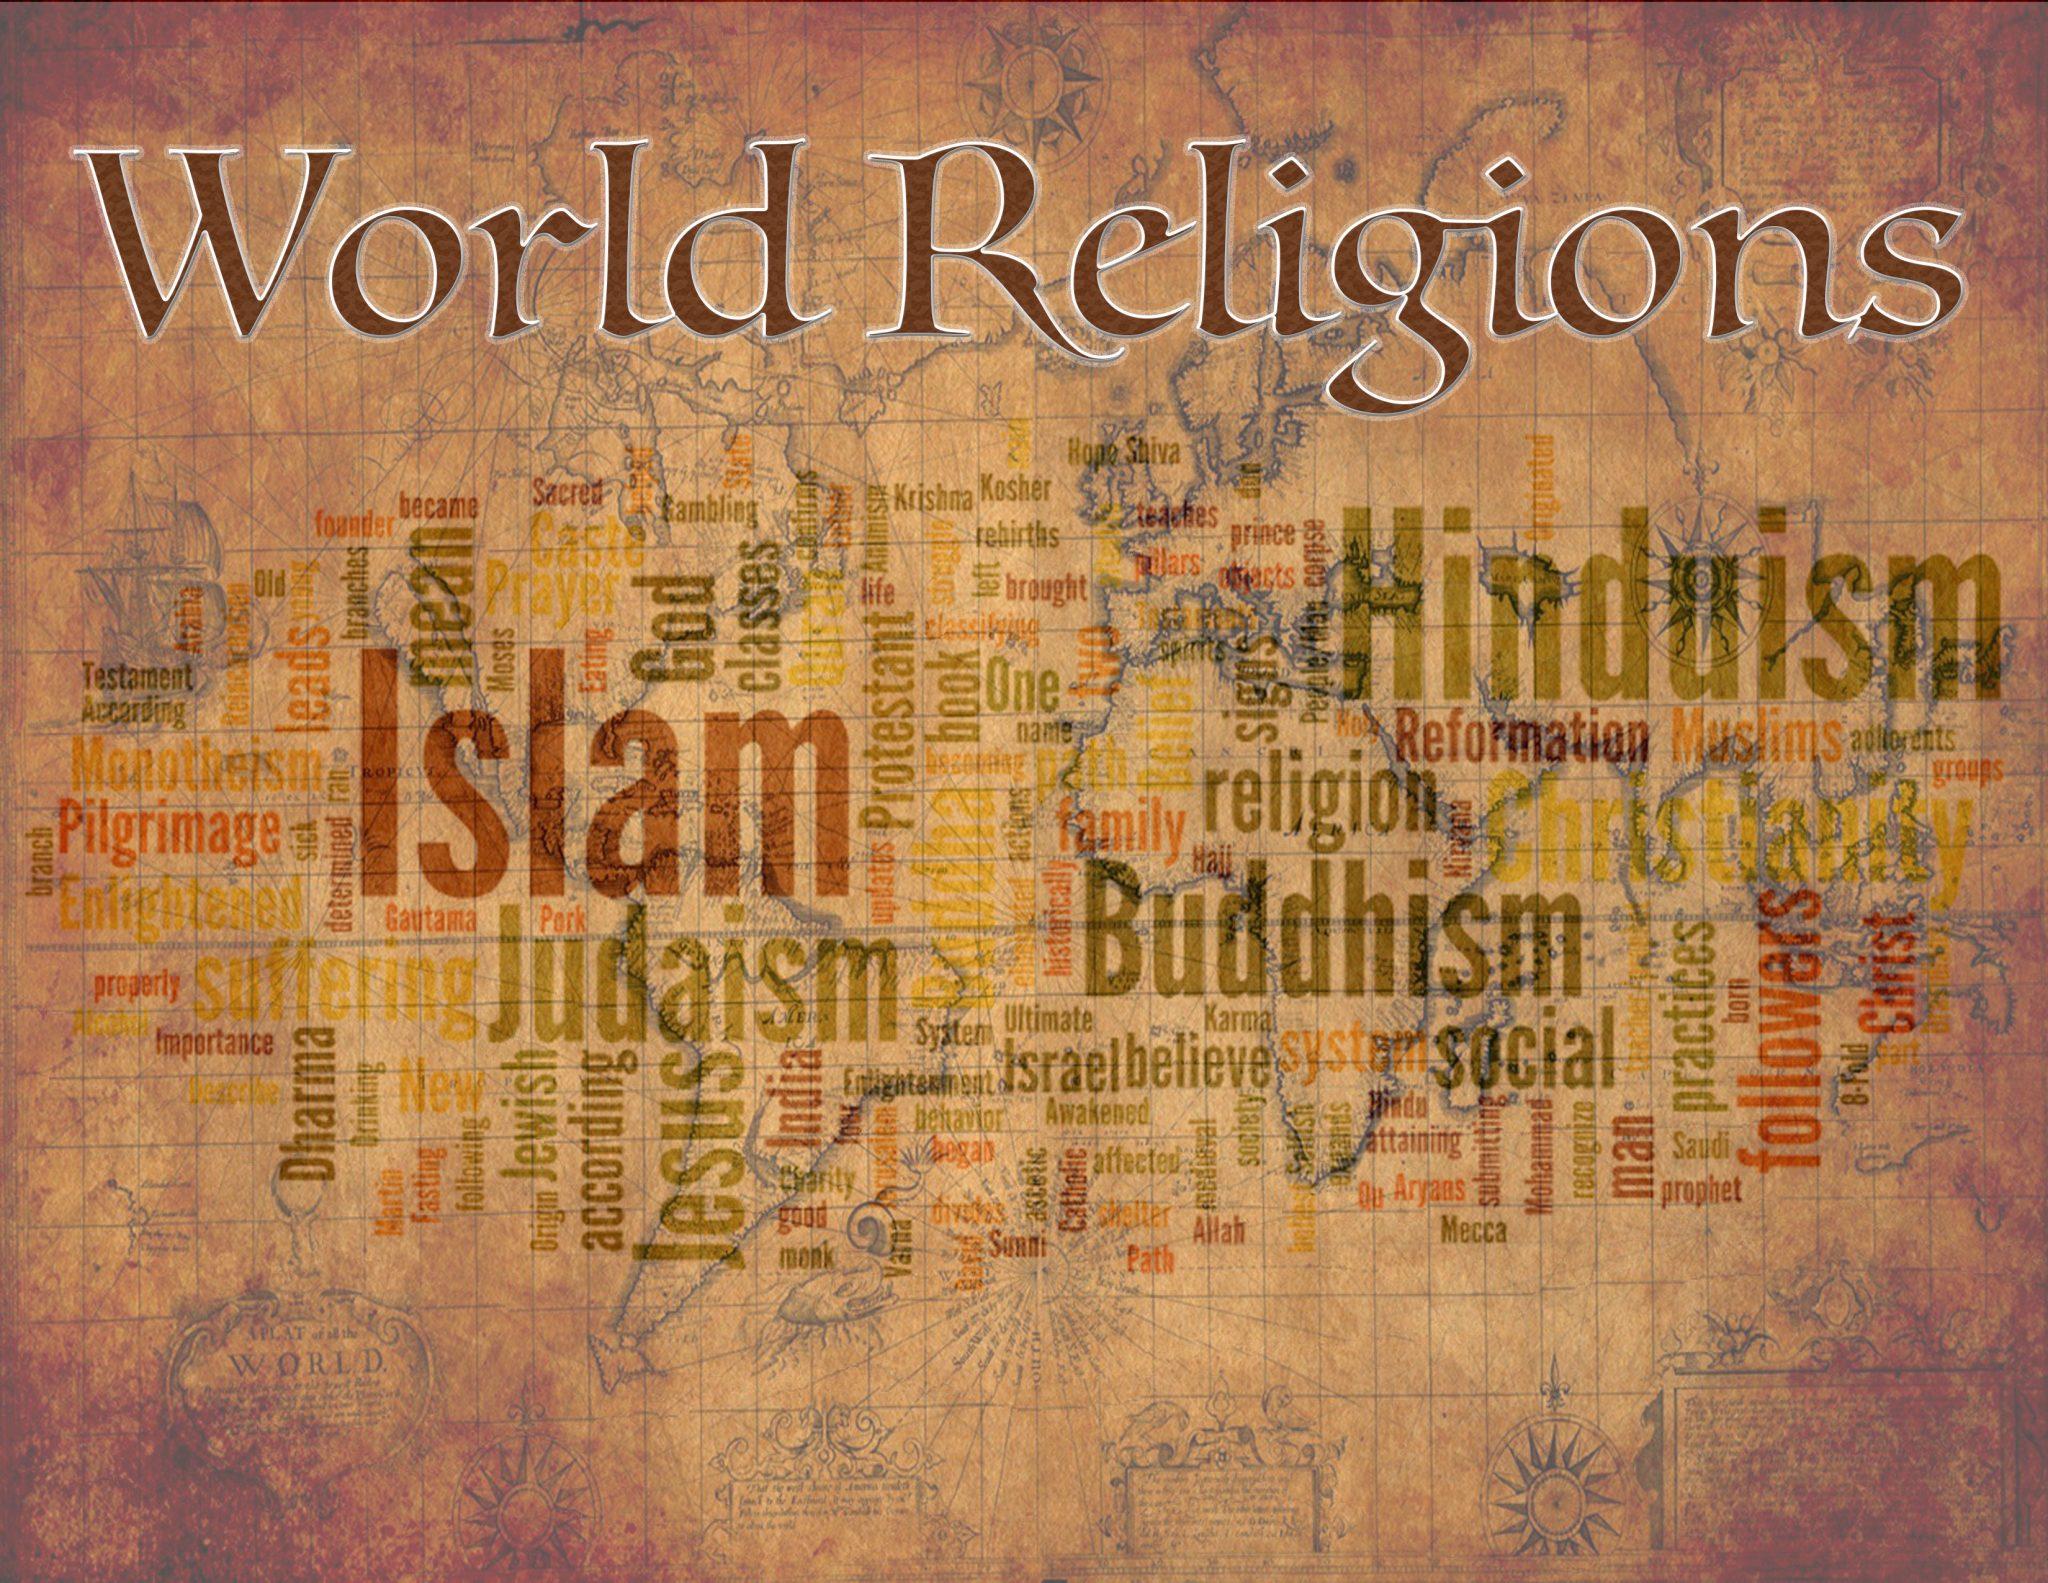 World Religions Slide